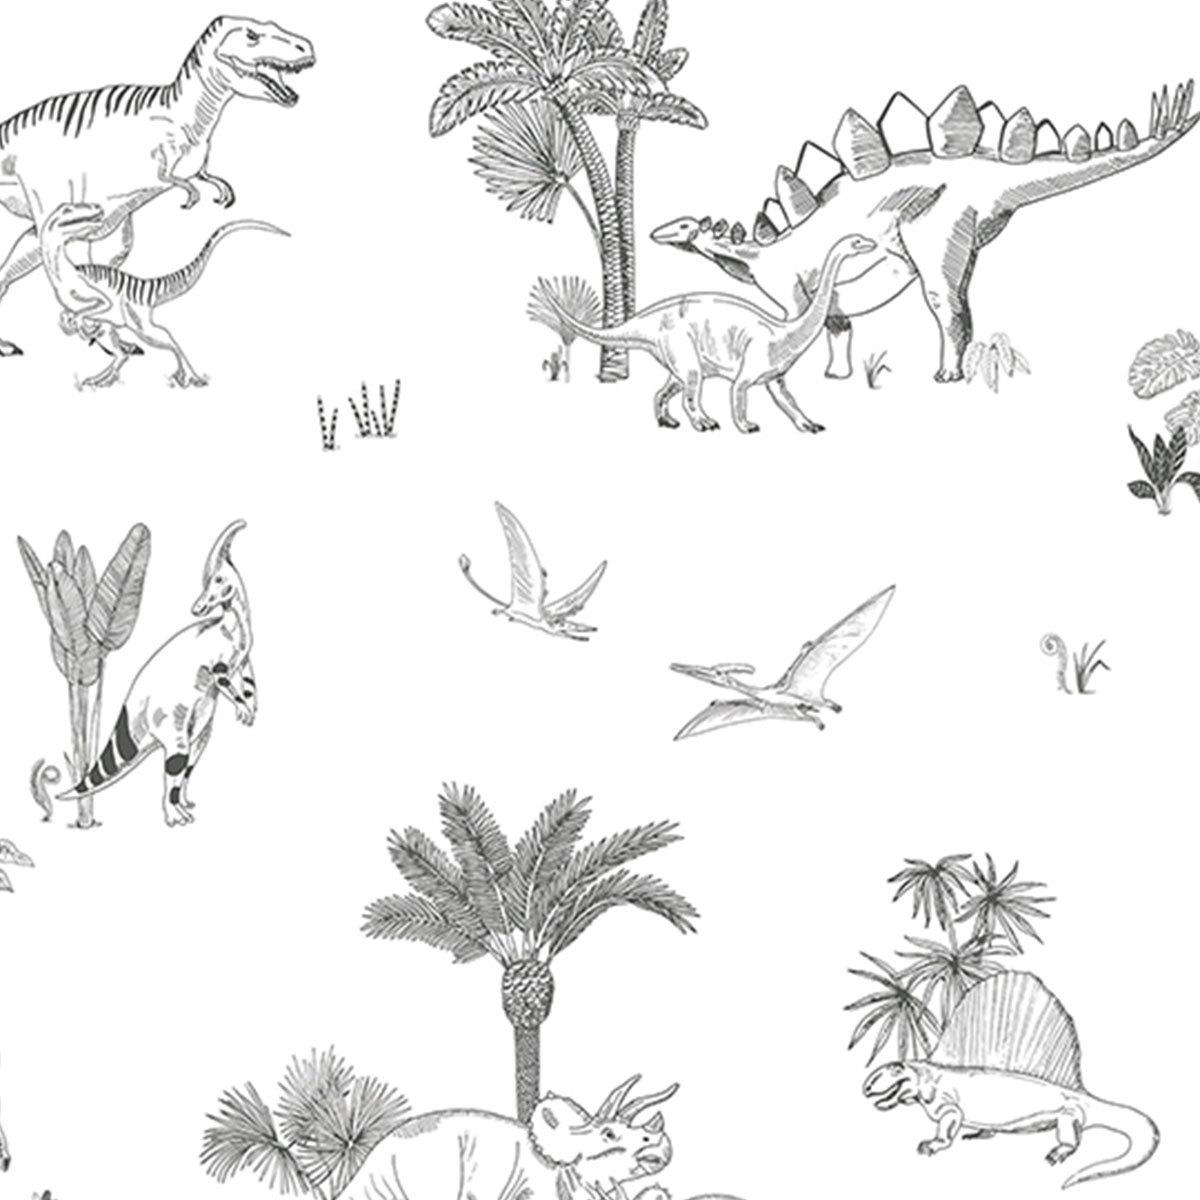 Papier peint Papier Peint - Motif Dinosaures Papier Peint - Motif Dinosaures